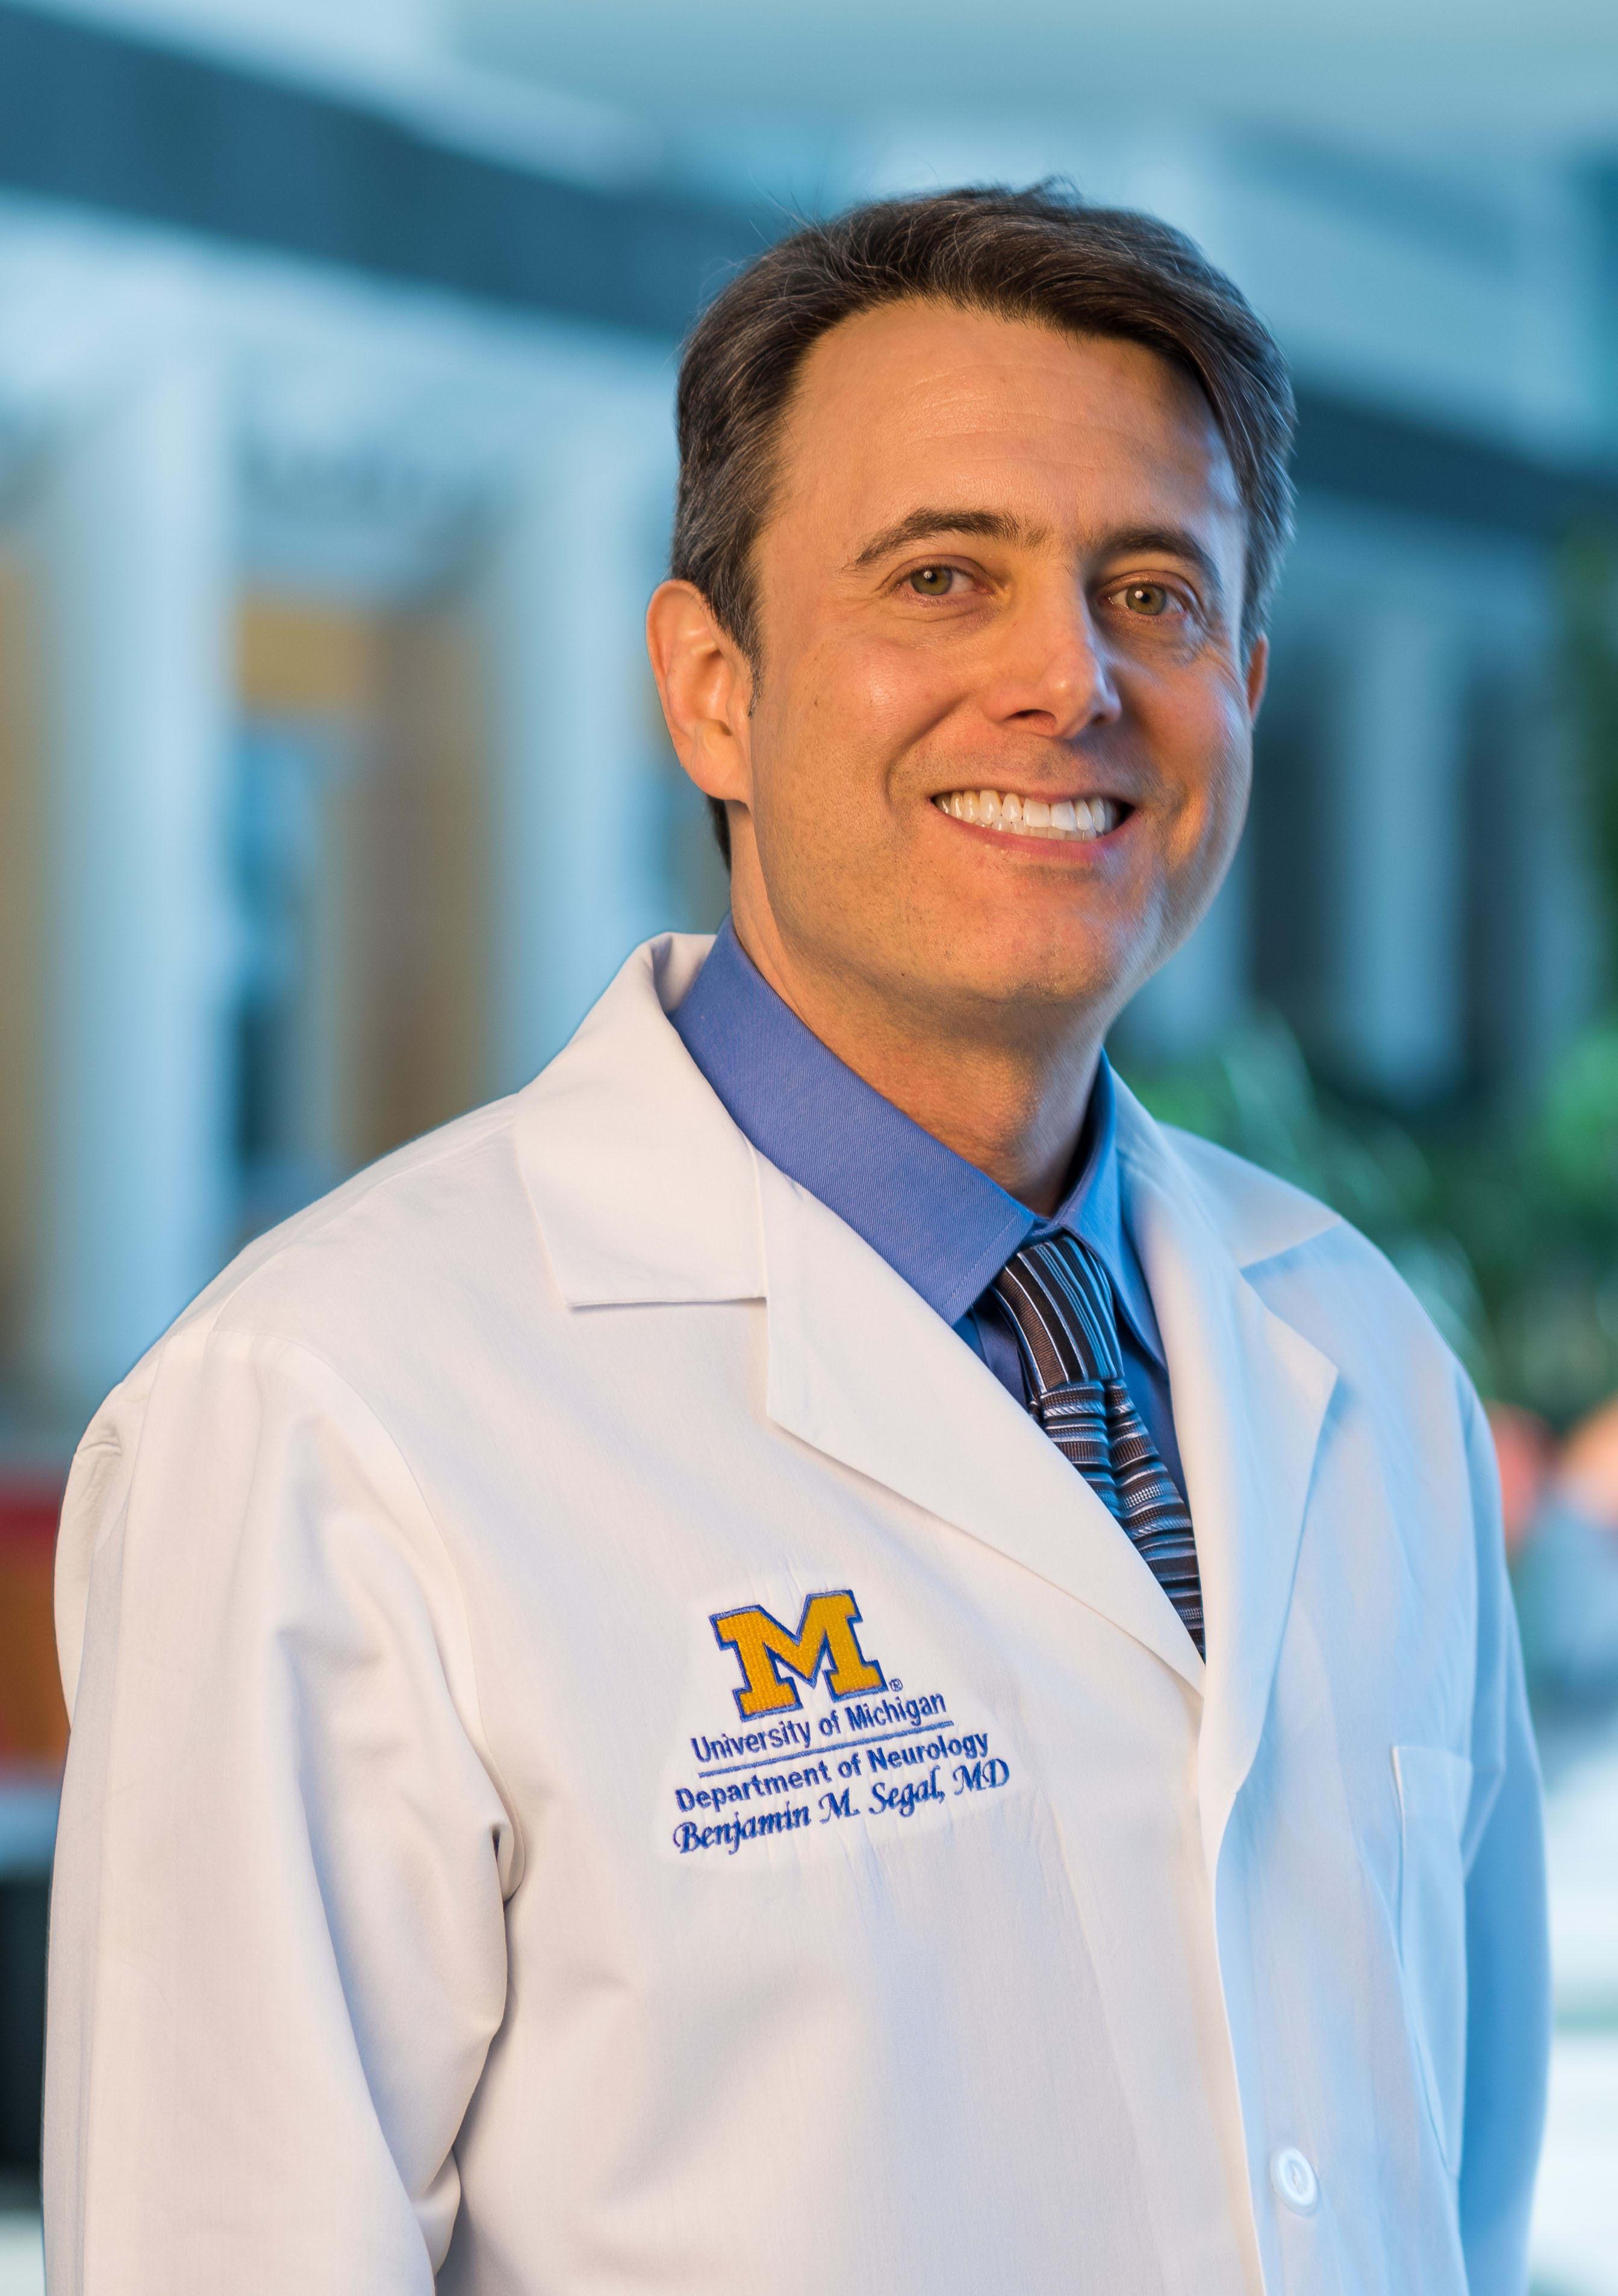 Dr. Benjamin M Segal MD